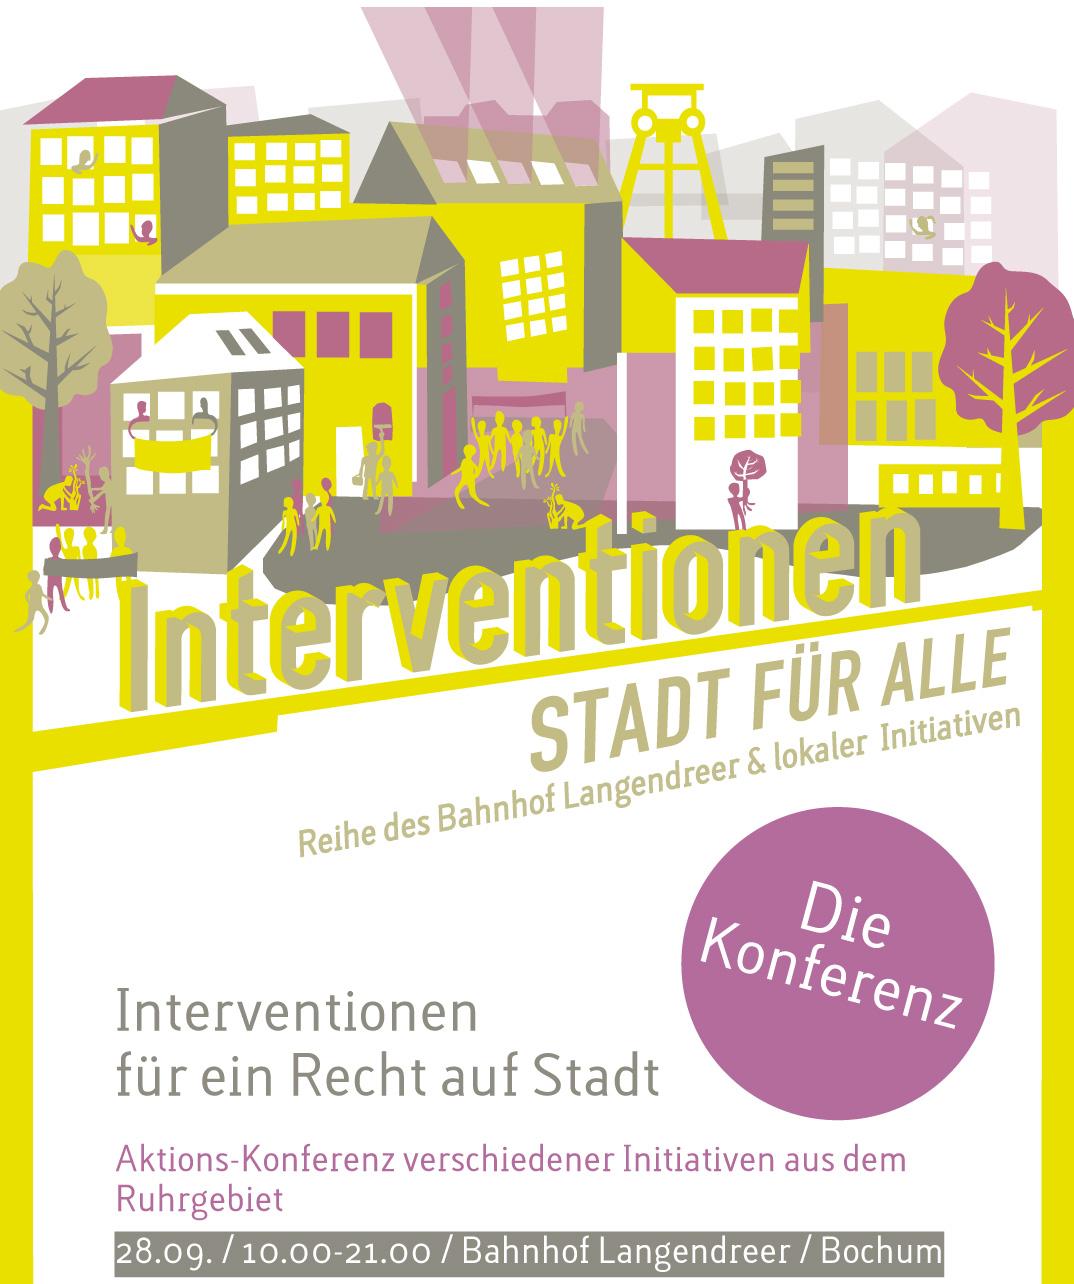 Interventionen für ein Recht auf Stadt – die Konferenz